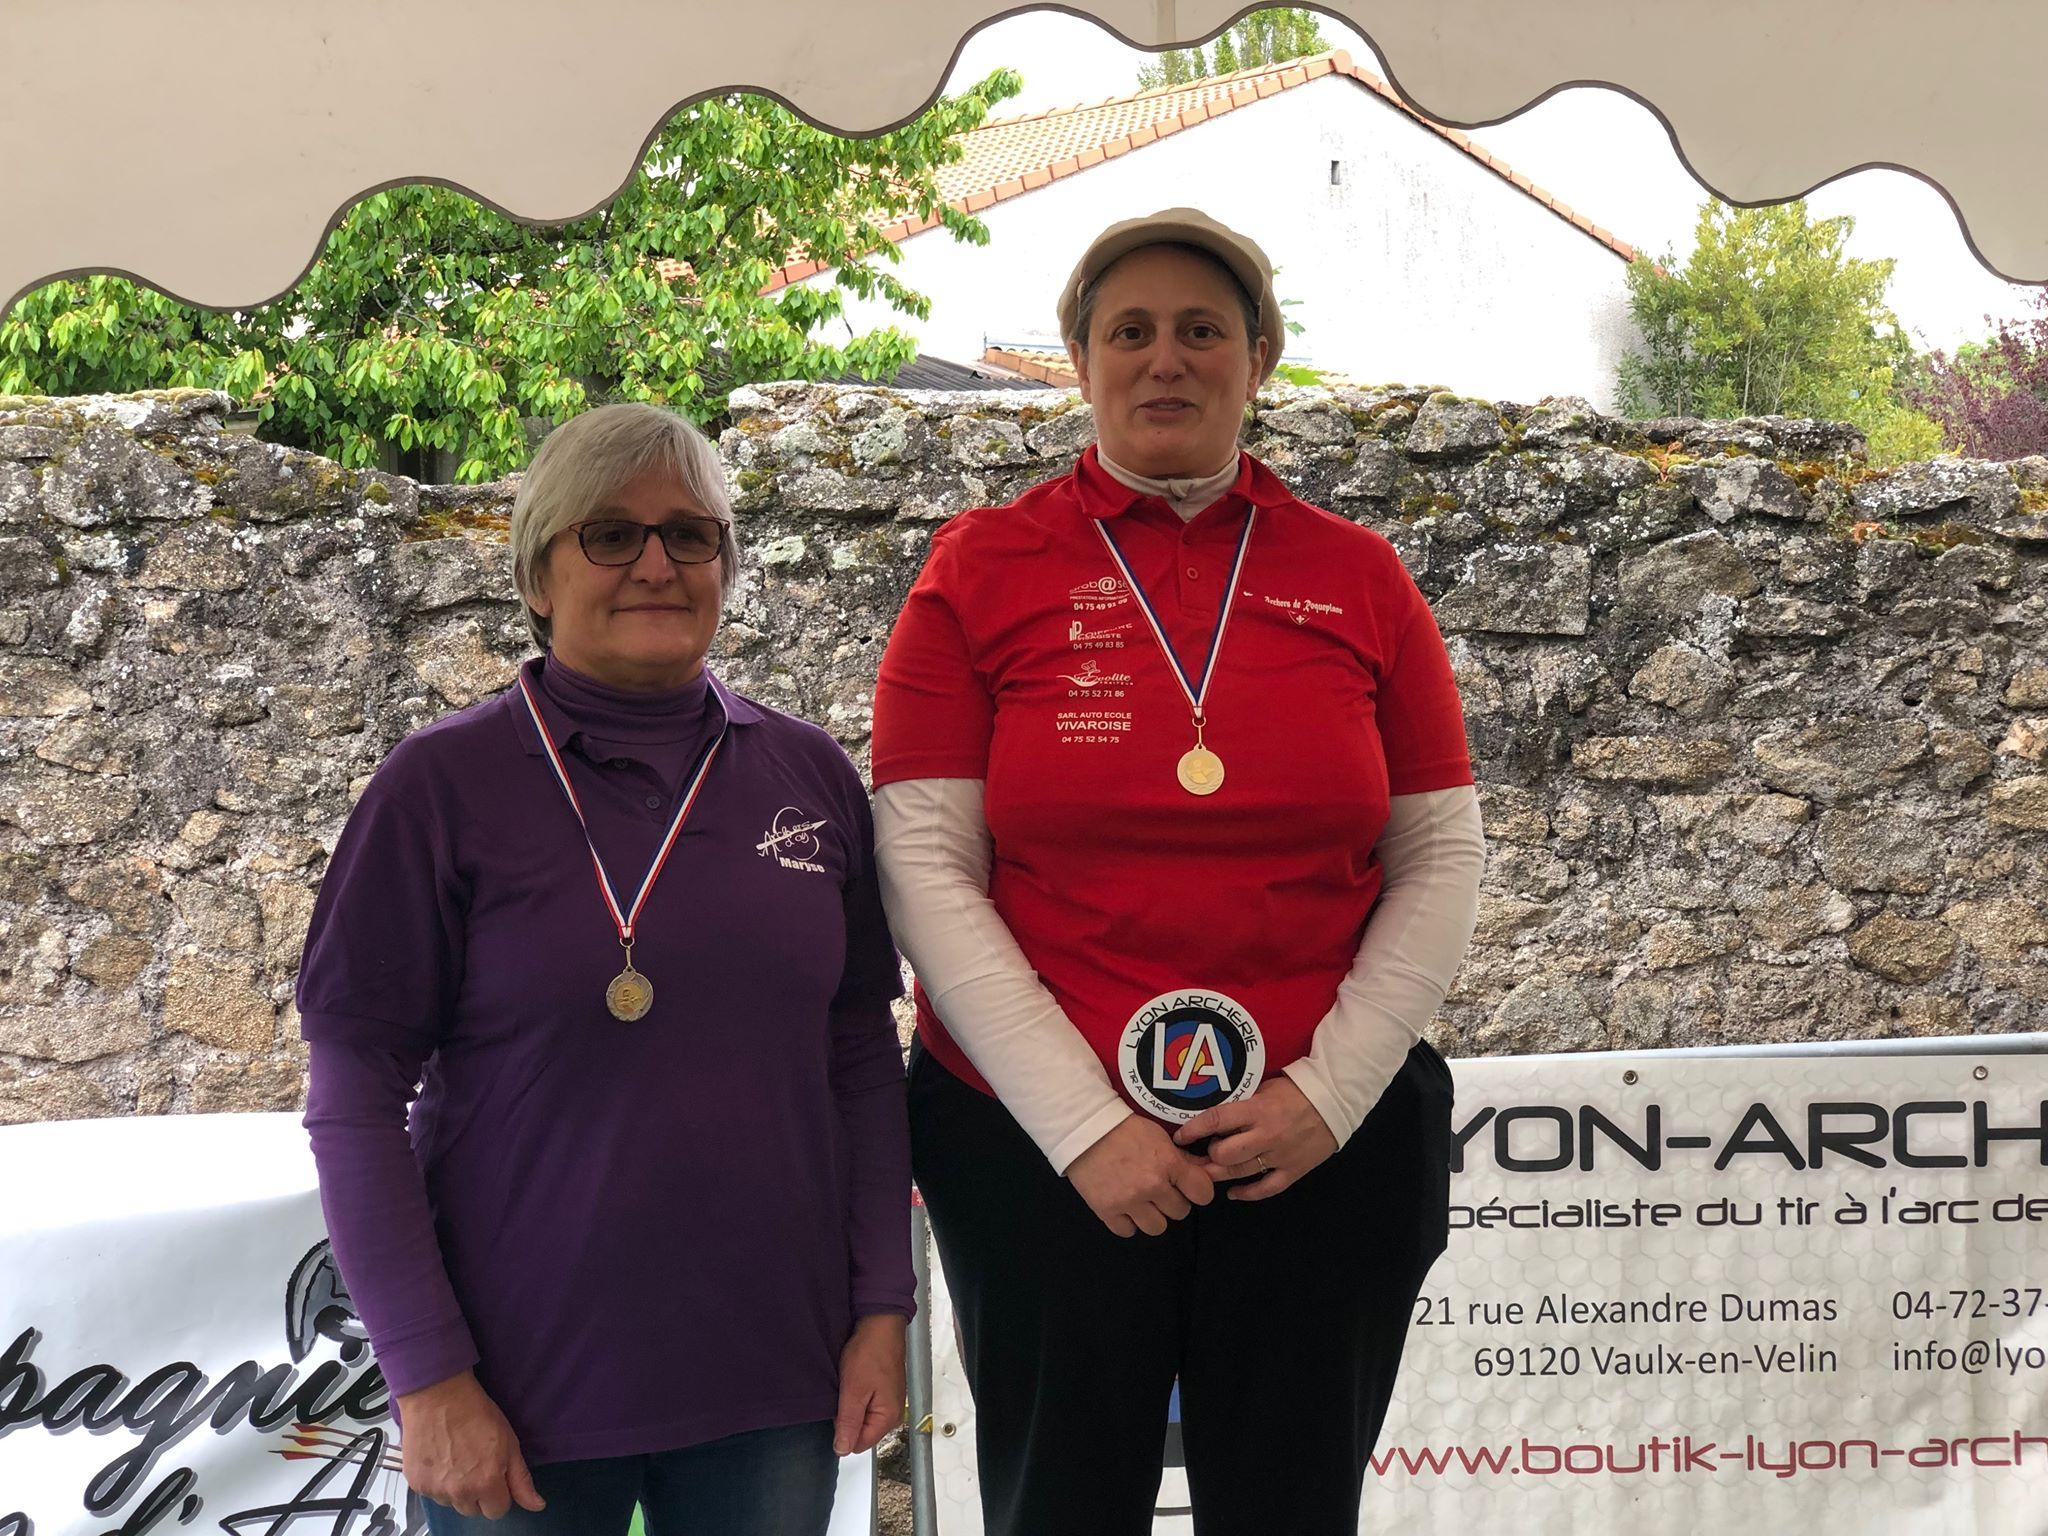 Concours extérieur Annonay 19-05-2019 (4)